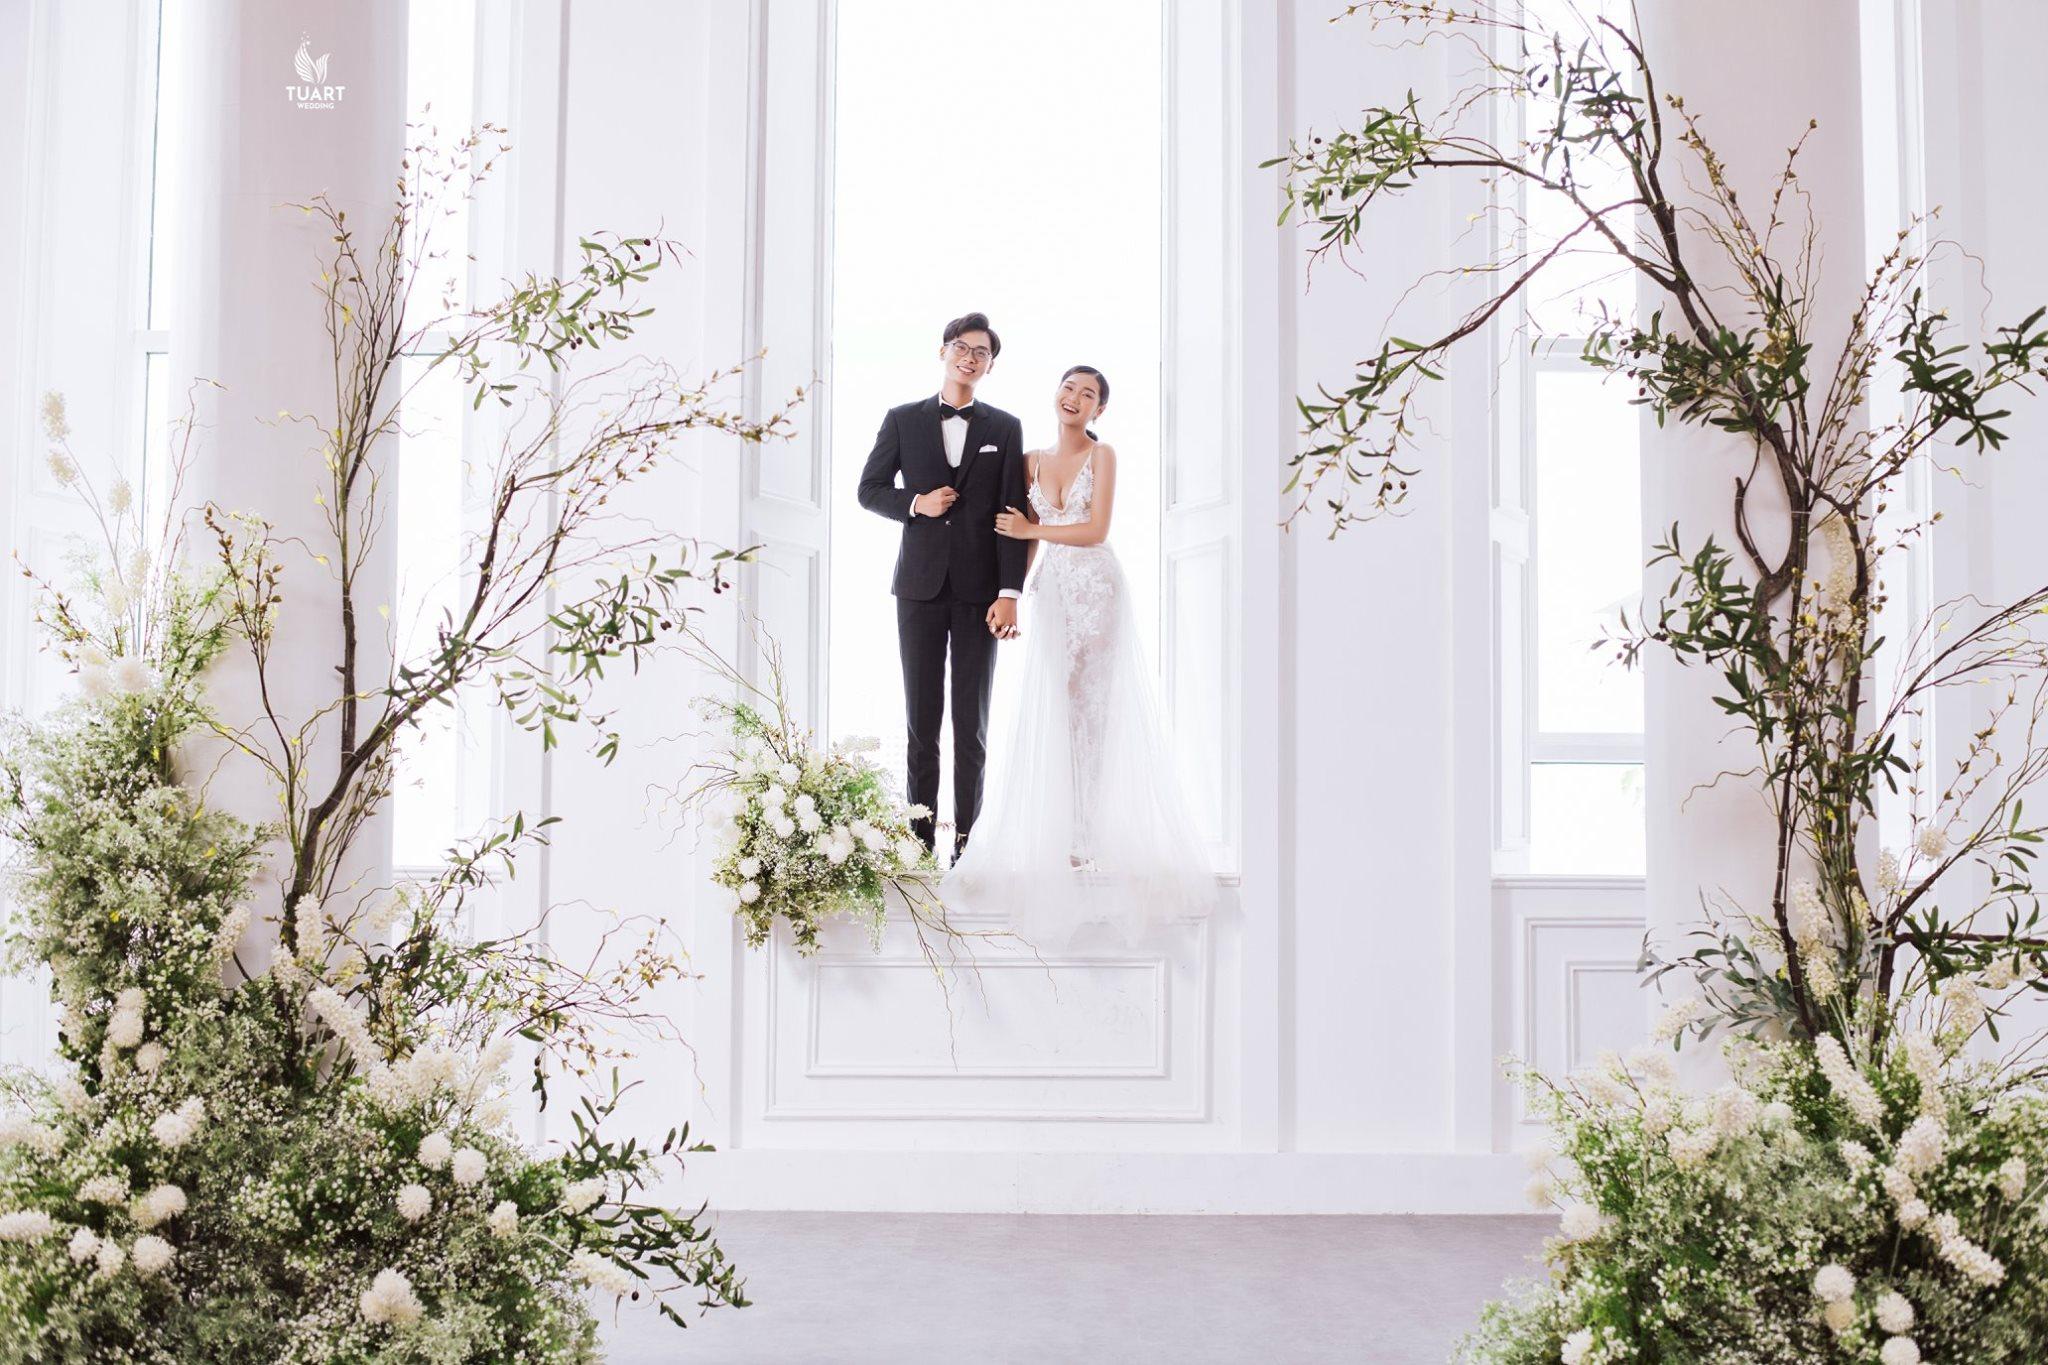 Album chụp ảnh cưới đẹp tại Hà Nội: 5 Graden Studio 18